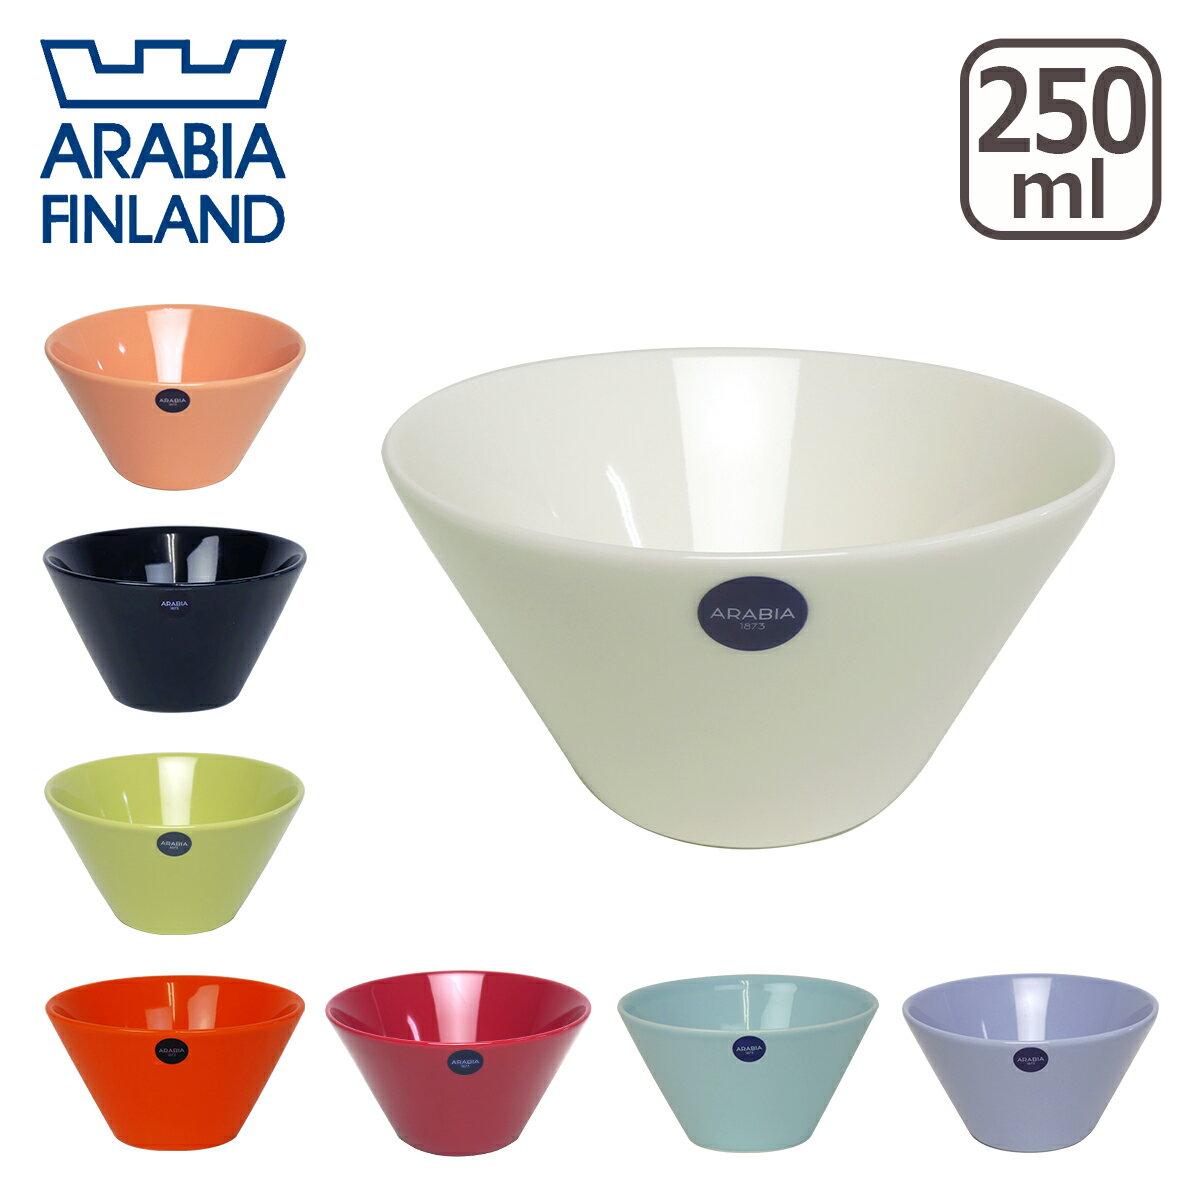 アラビア(Arabia) ココ(koko) ボウル 250ml 選べるカラー 北欧 フィンランド 食器 Arabia 食器洗い機 対応 ギフト・のし可